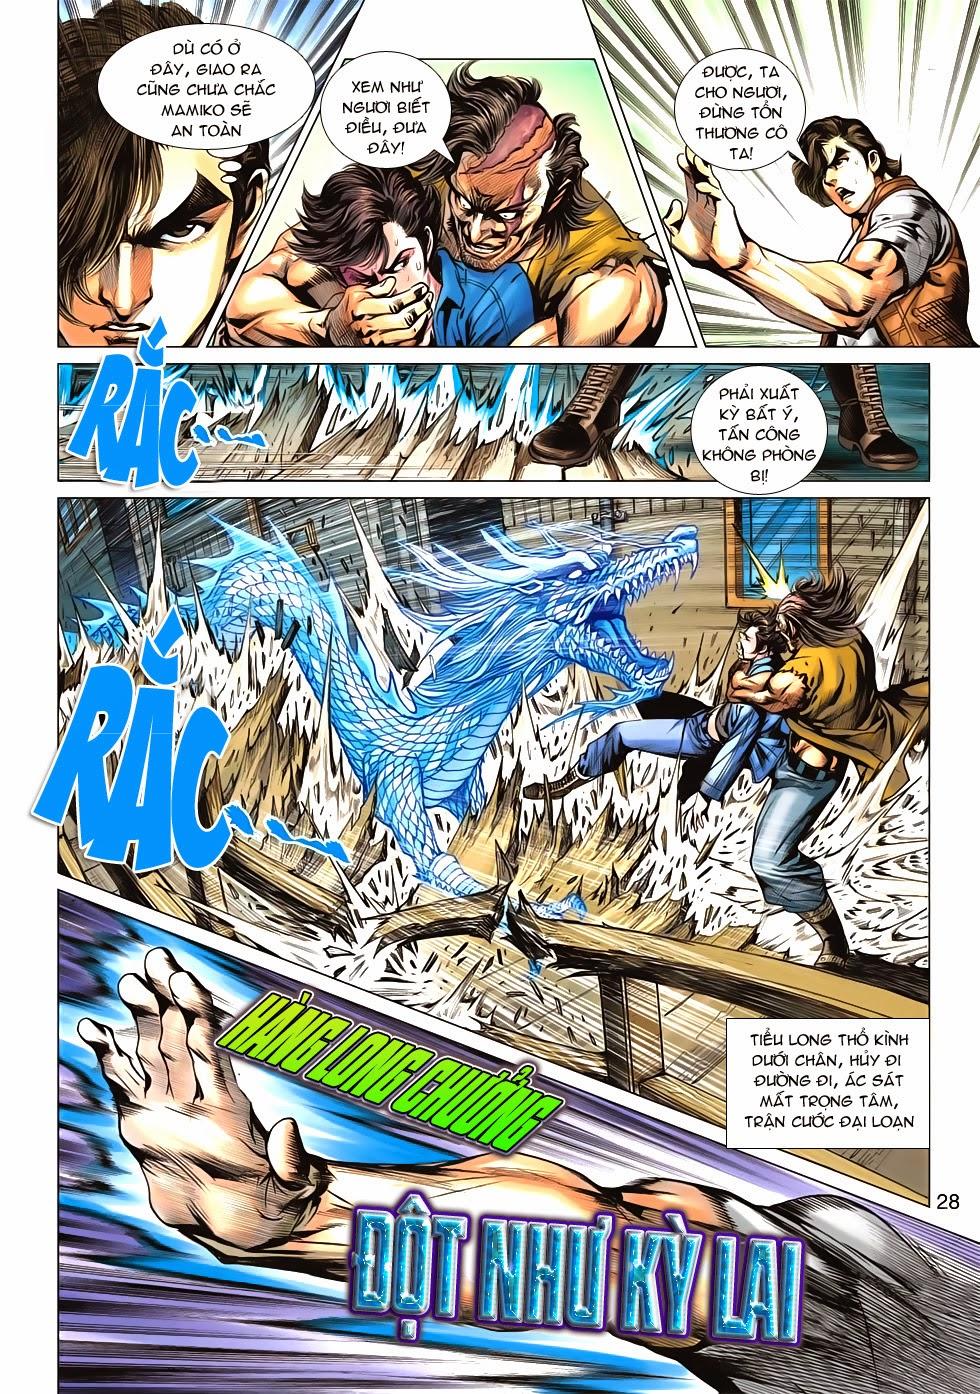 Tân Tác Long Hổ Môn chap 626 - Trang 28